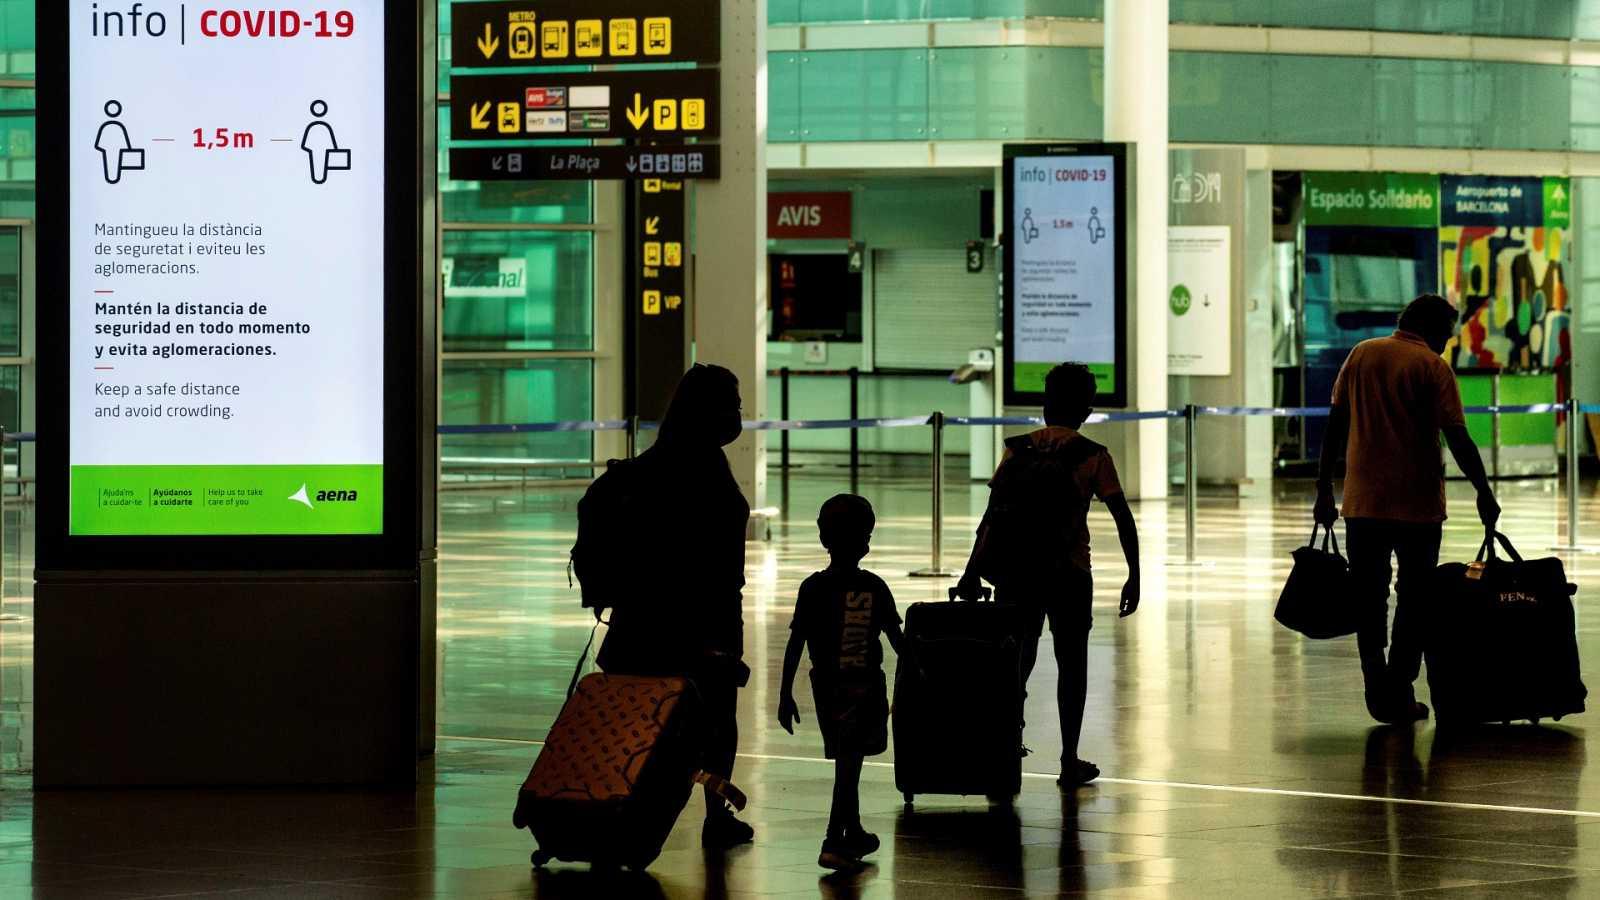 España abre sus fronteras a los turistas de Reino Unido la semana que viene  y el 7 de junio a todos los viajeros vacunados